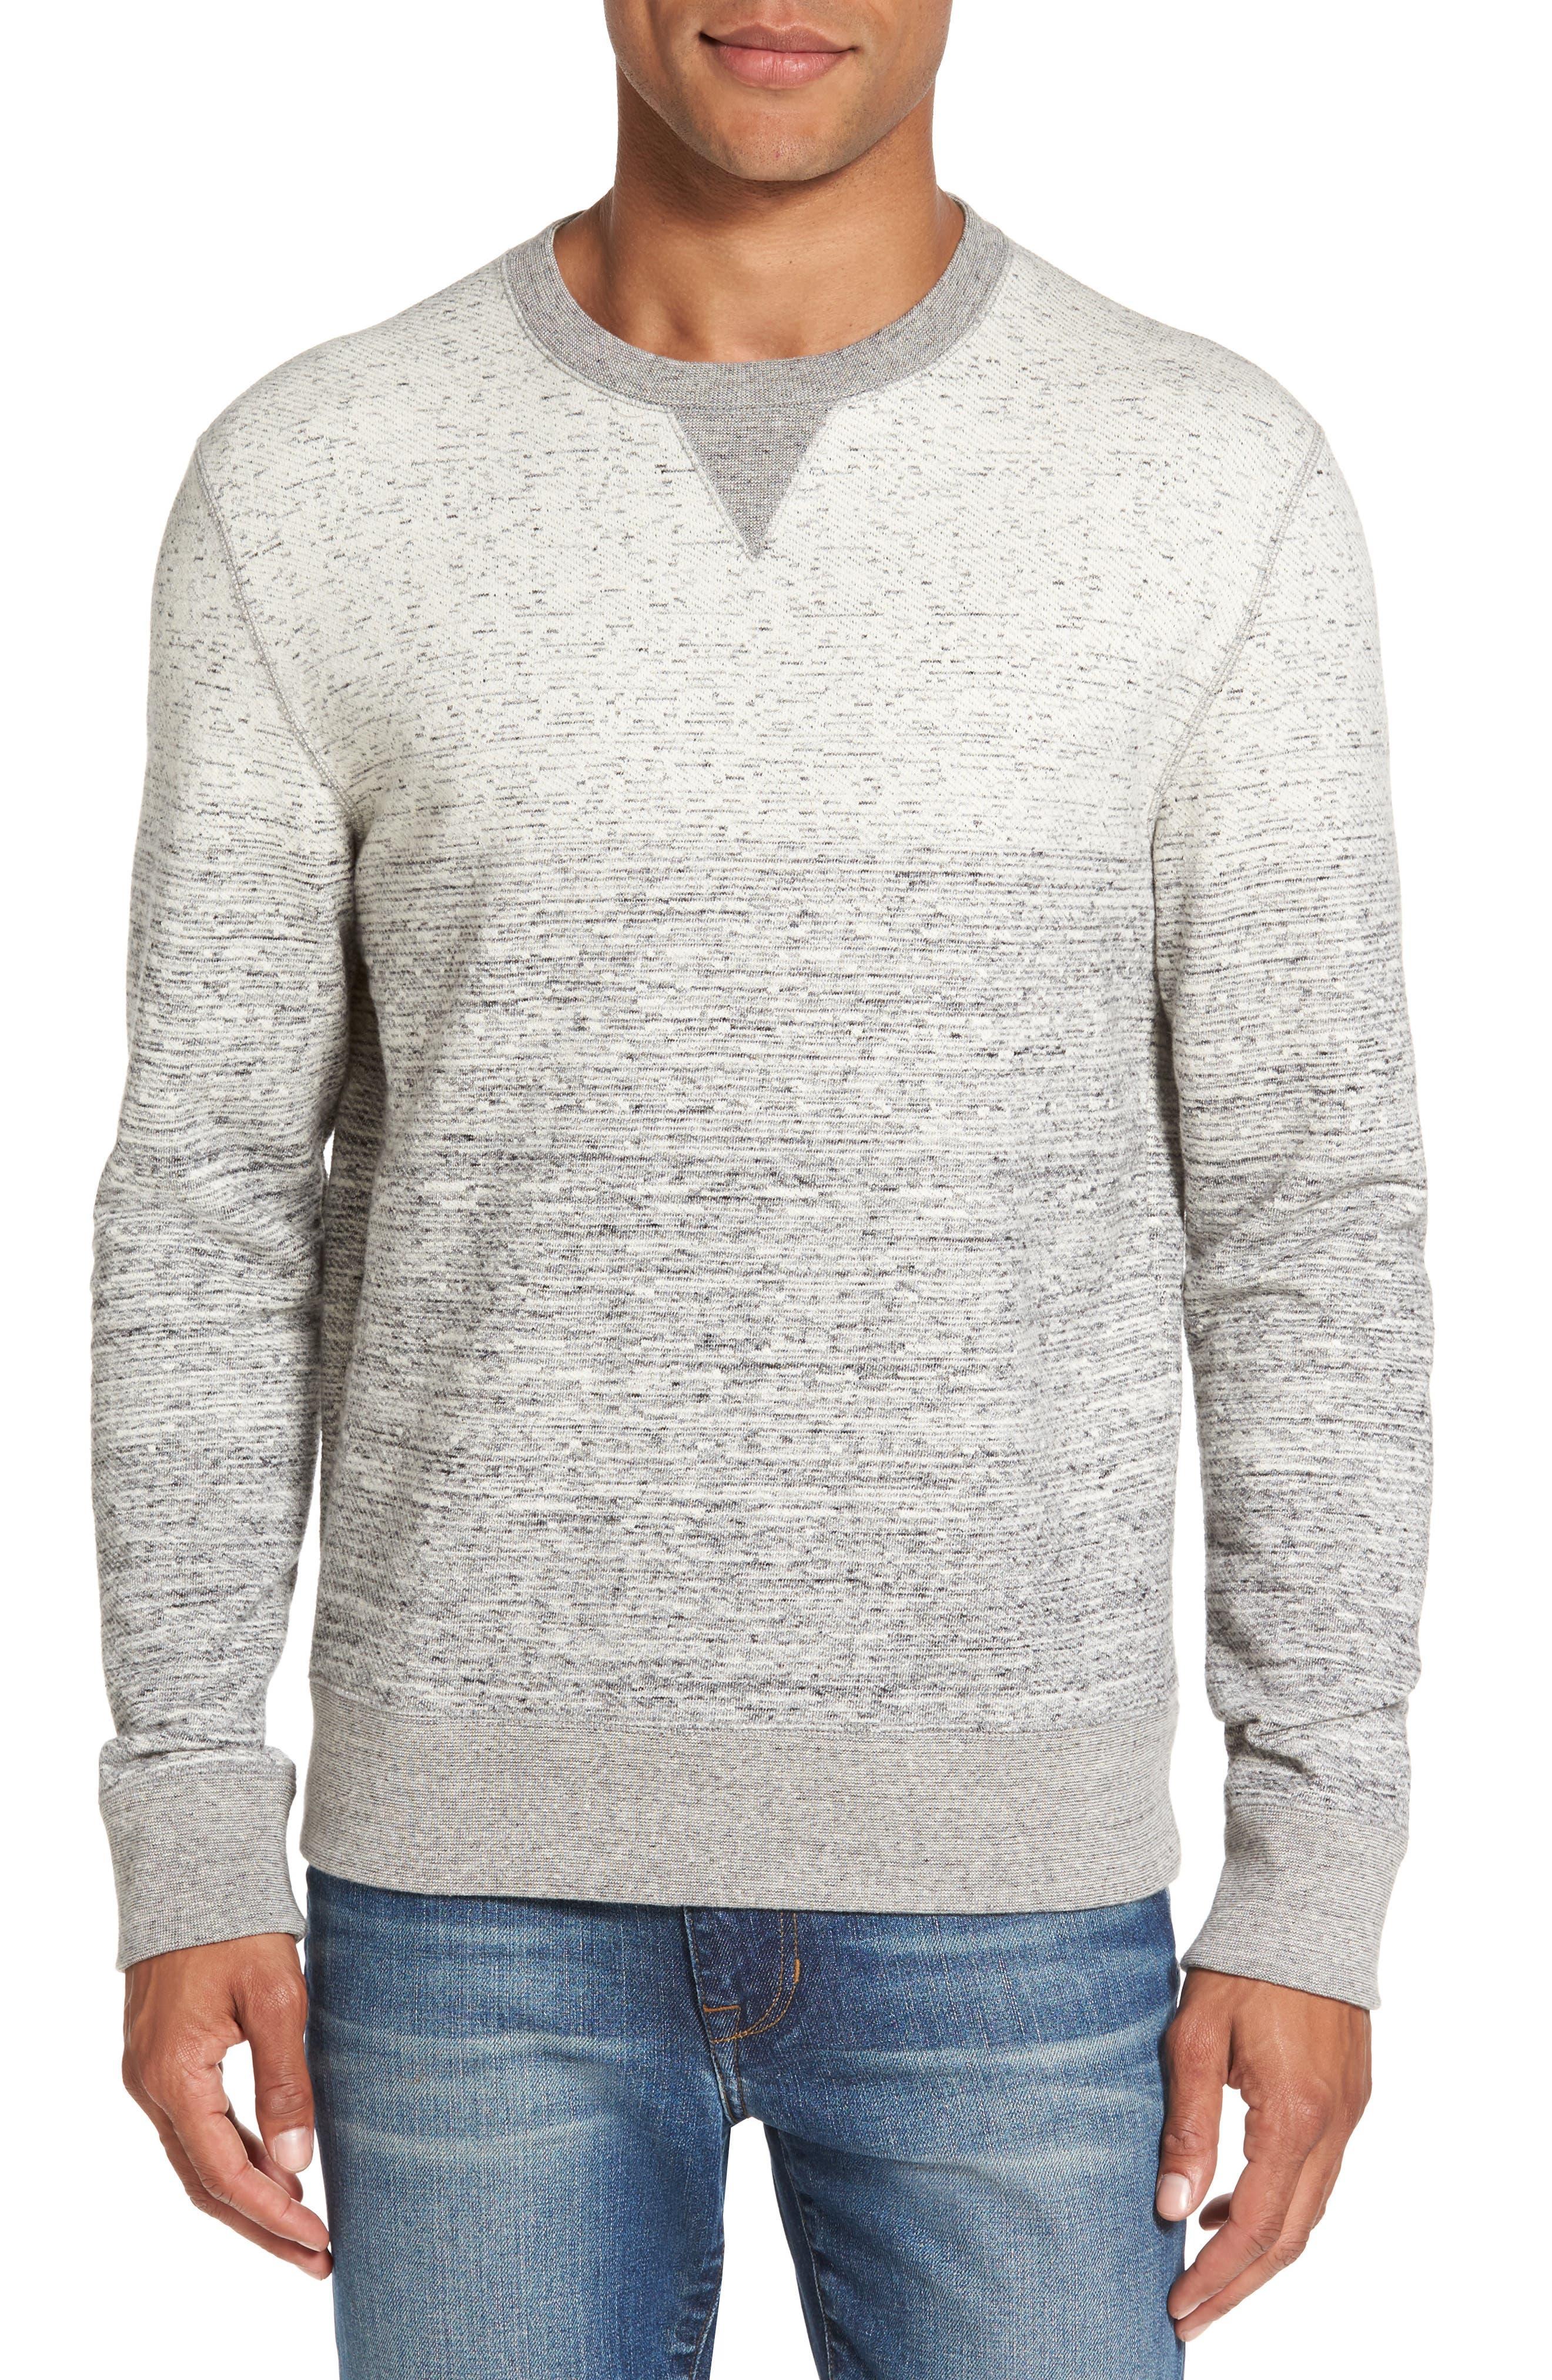 Billy Reid Gradient Crewneck Sweatshirt